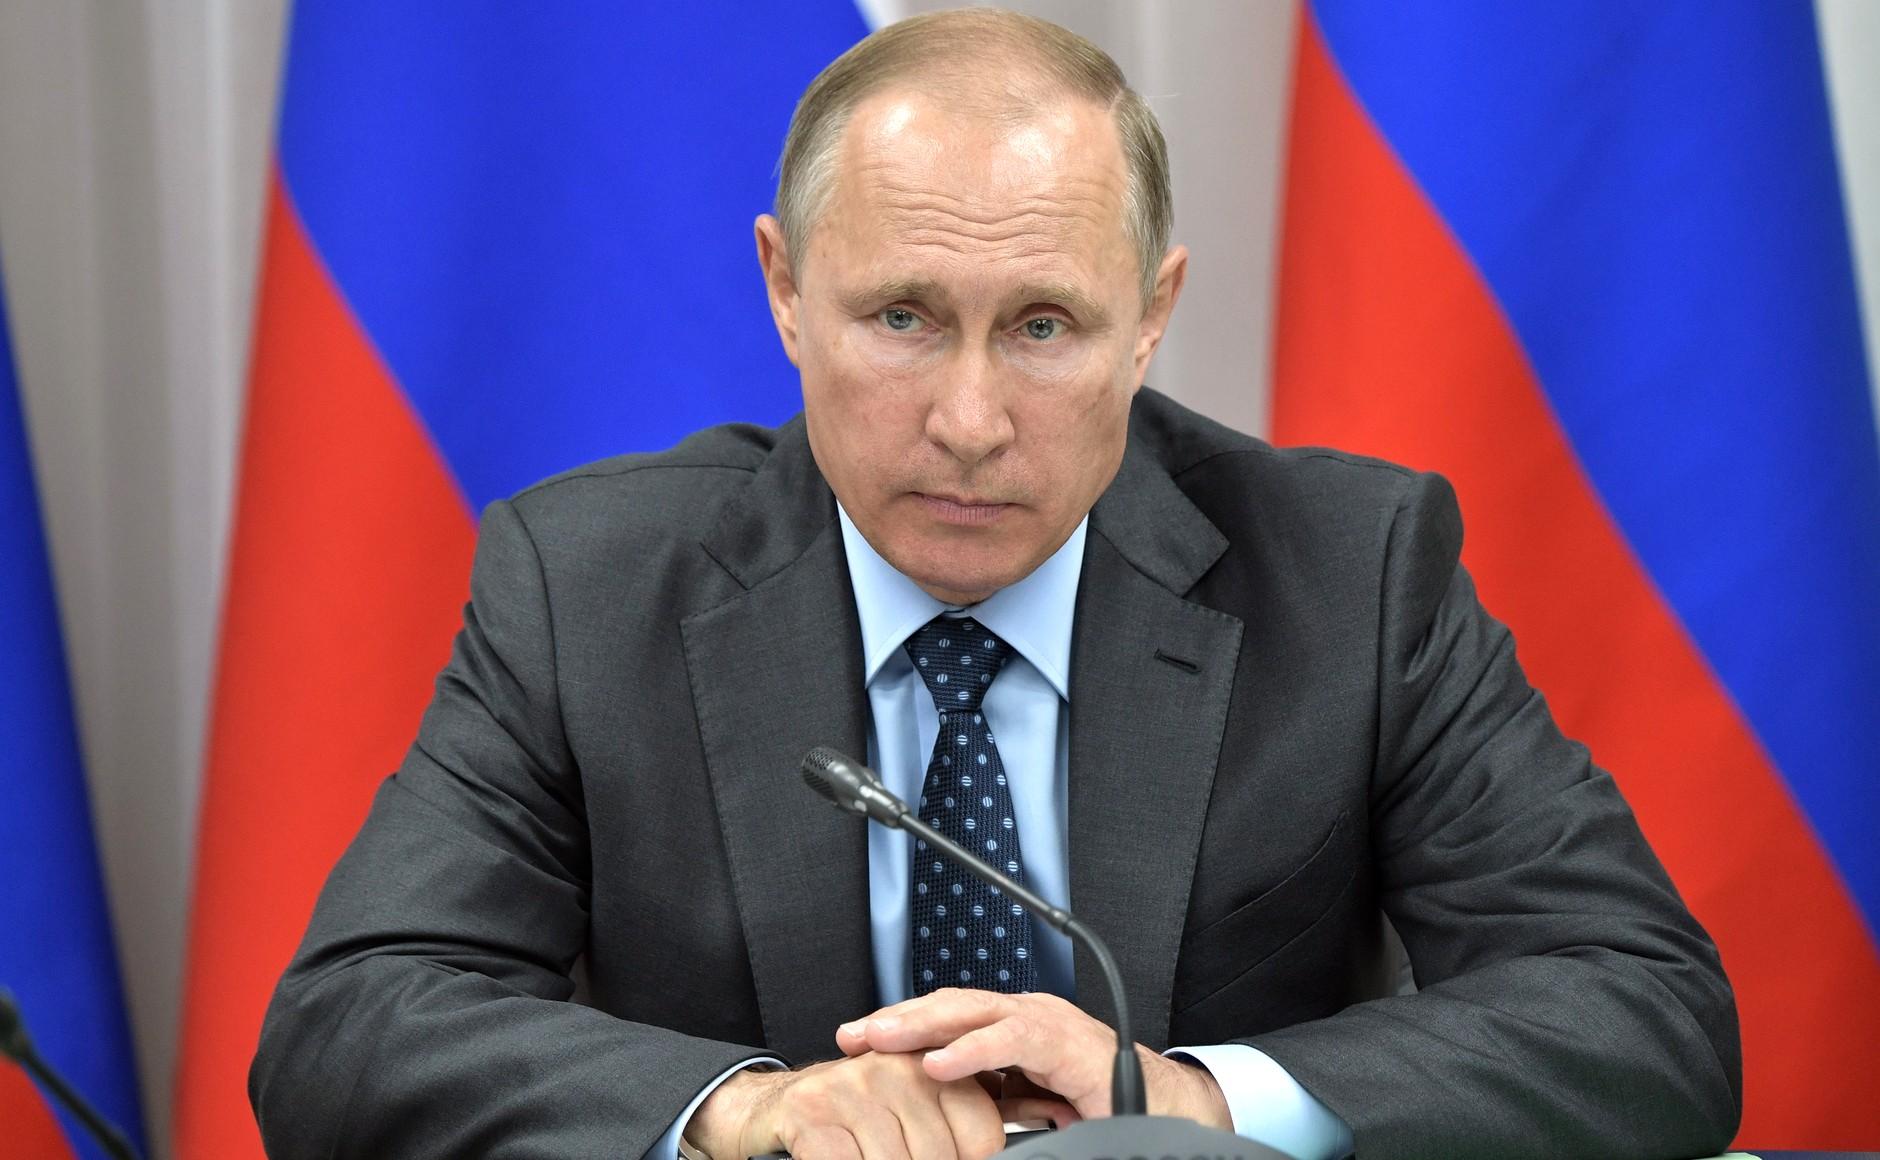 России необходим «мюнхенский разворот» во внутренней политике (К 20-летию пребывания во власти В.В. Путина)